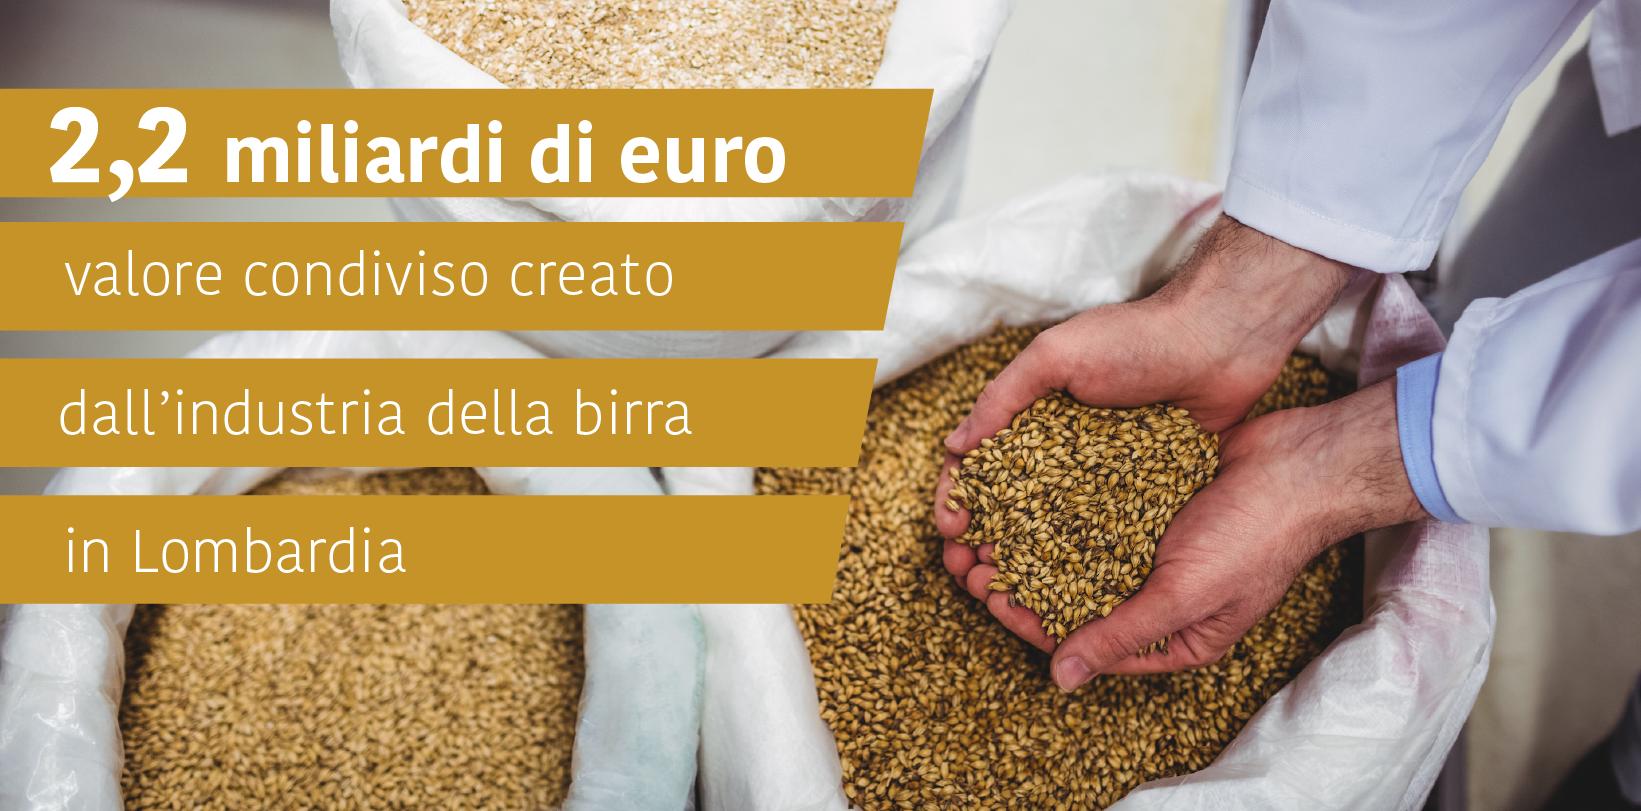 Lombardia, il motore della produzione di birra in Italia